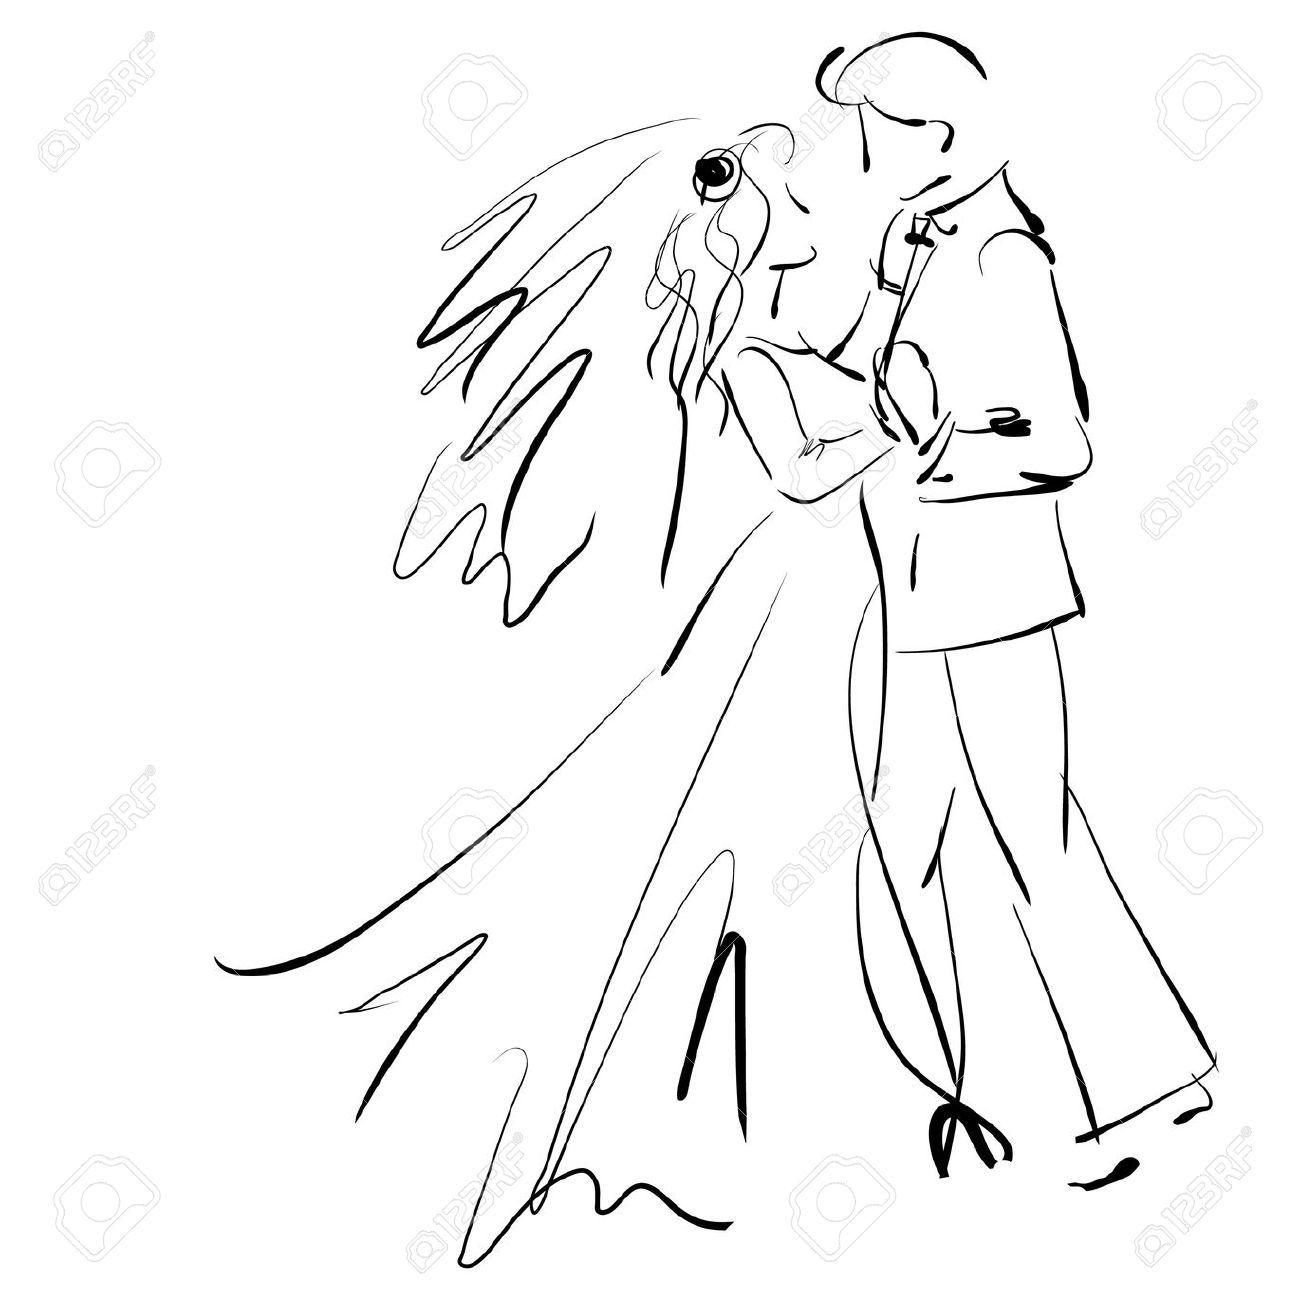 18924701 arte disegno giovane e bella sposa e sposo in for Disegni sposi stilizzati